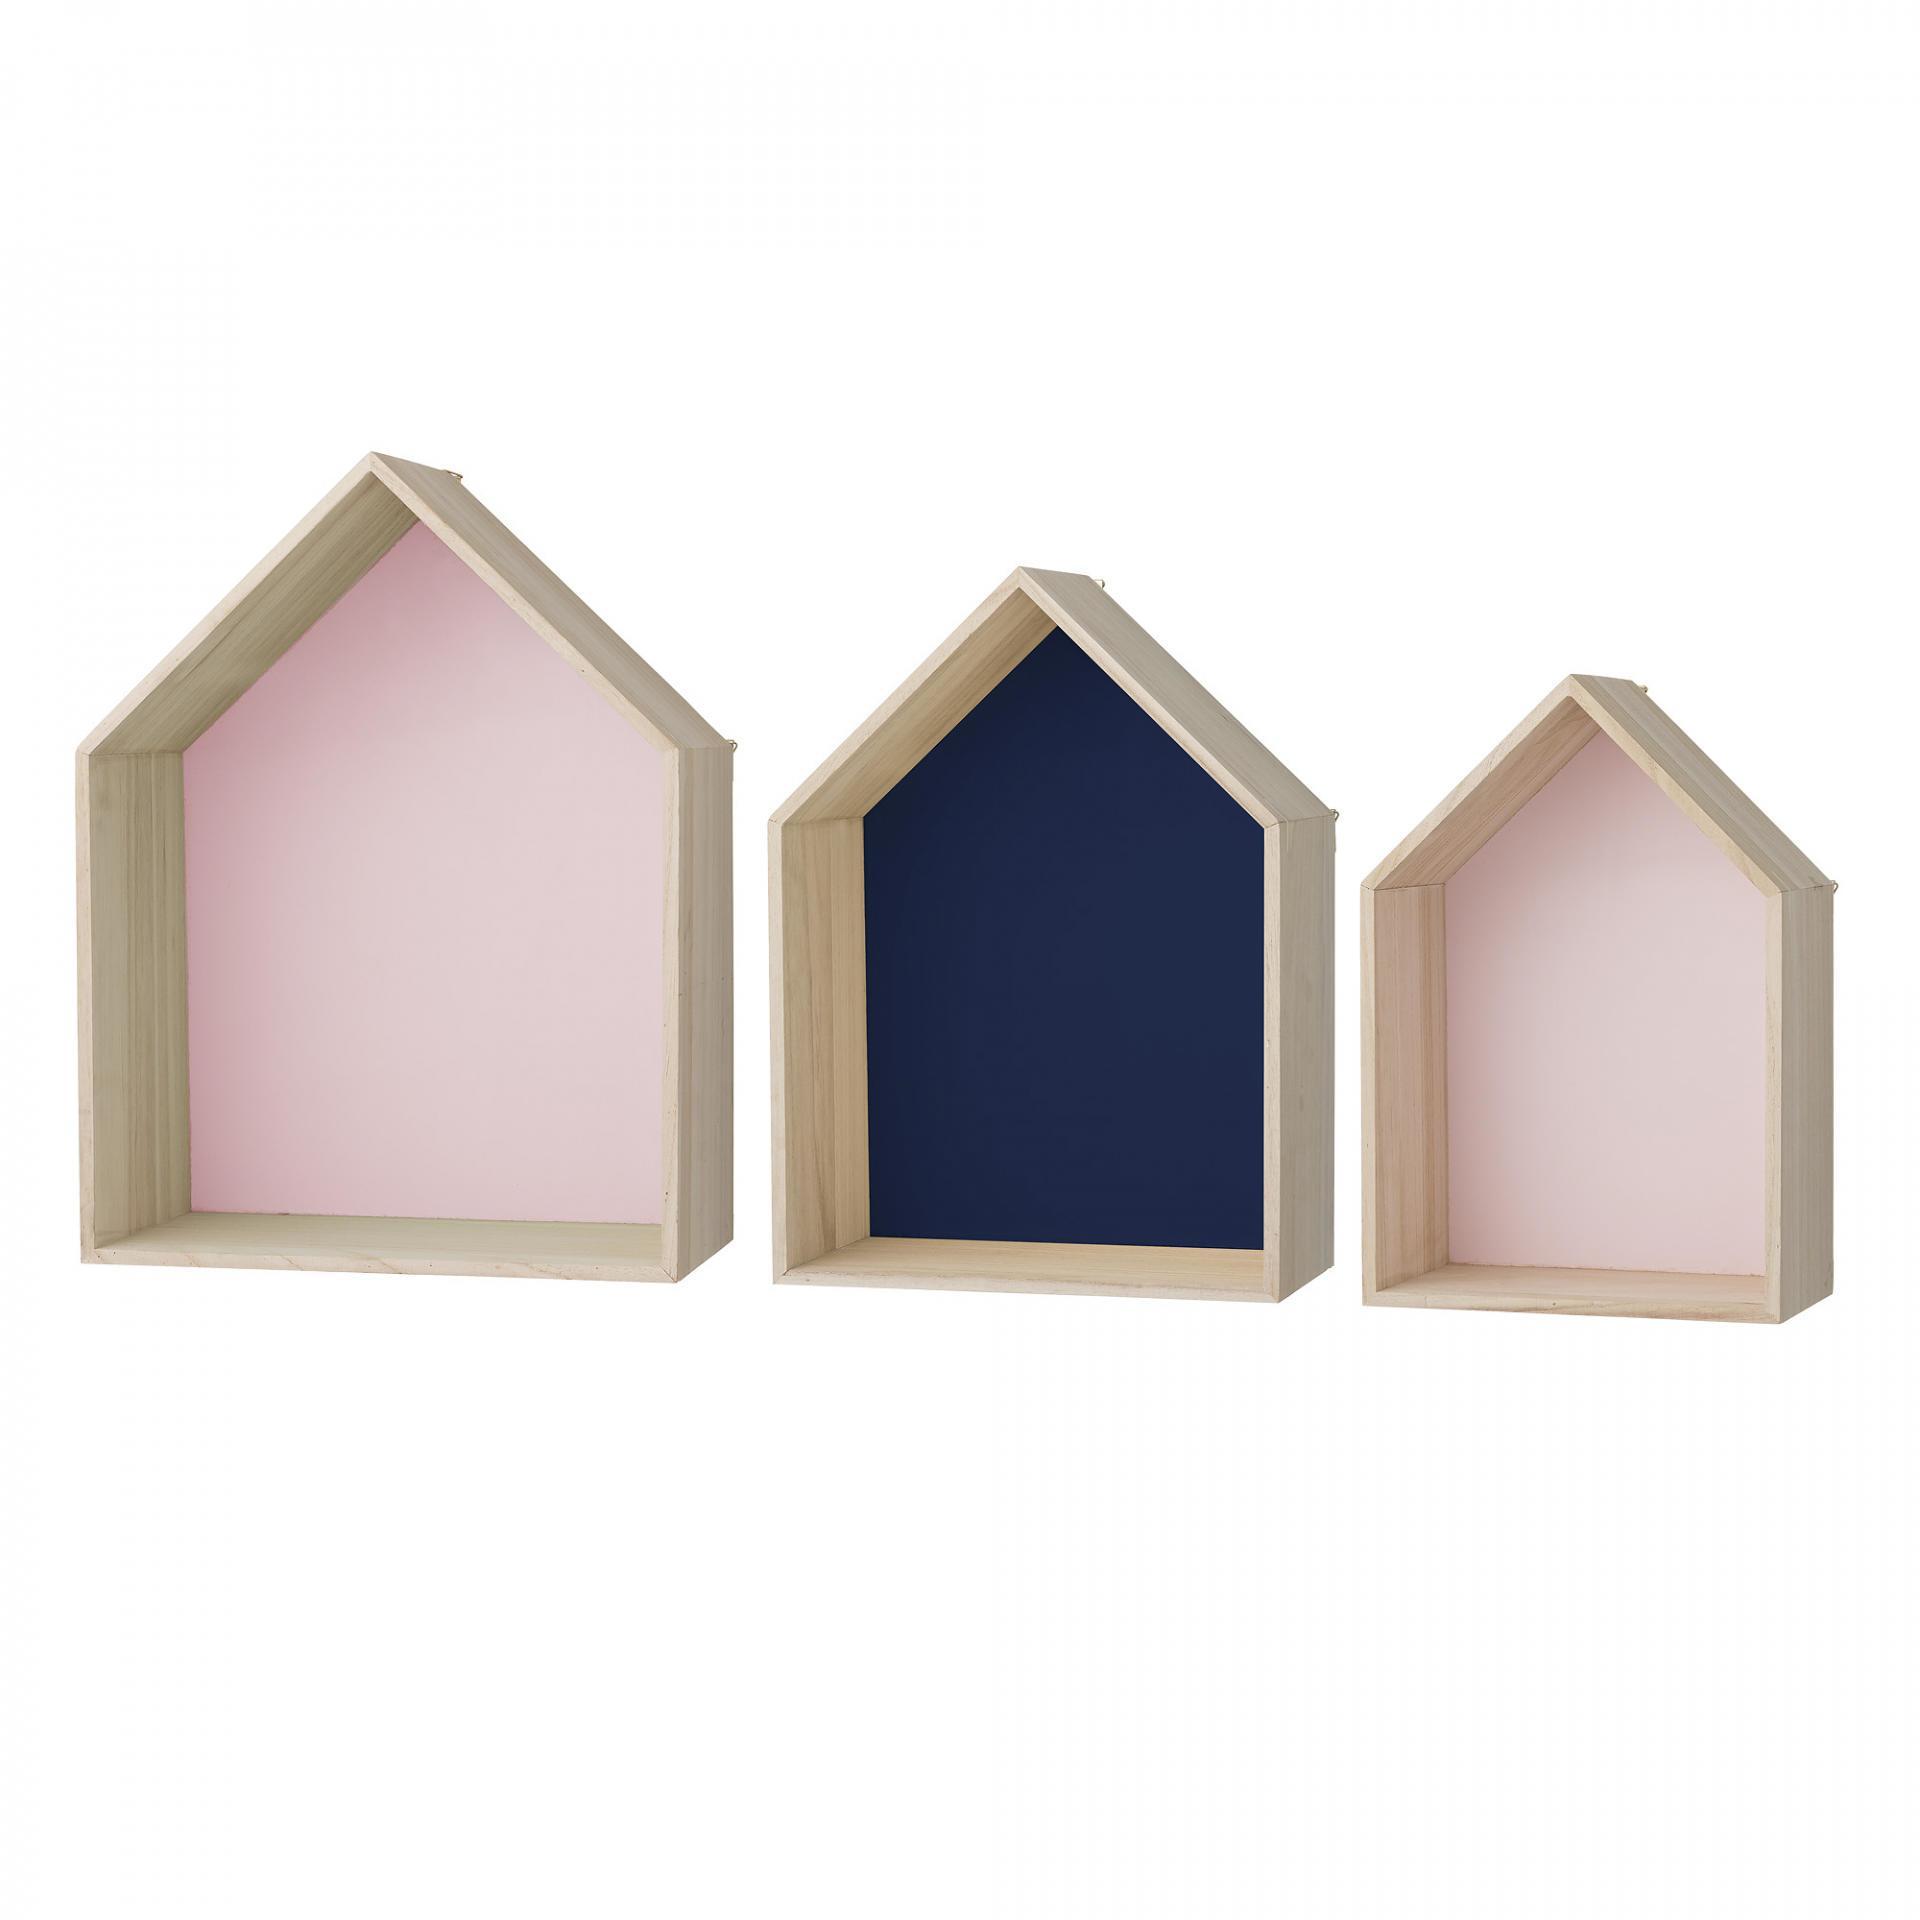 Bloomingville Nástěnná polička Rose & Navy House Velikost L, růžová barva, modrá barva, hnědá barva, dřevo